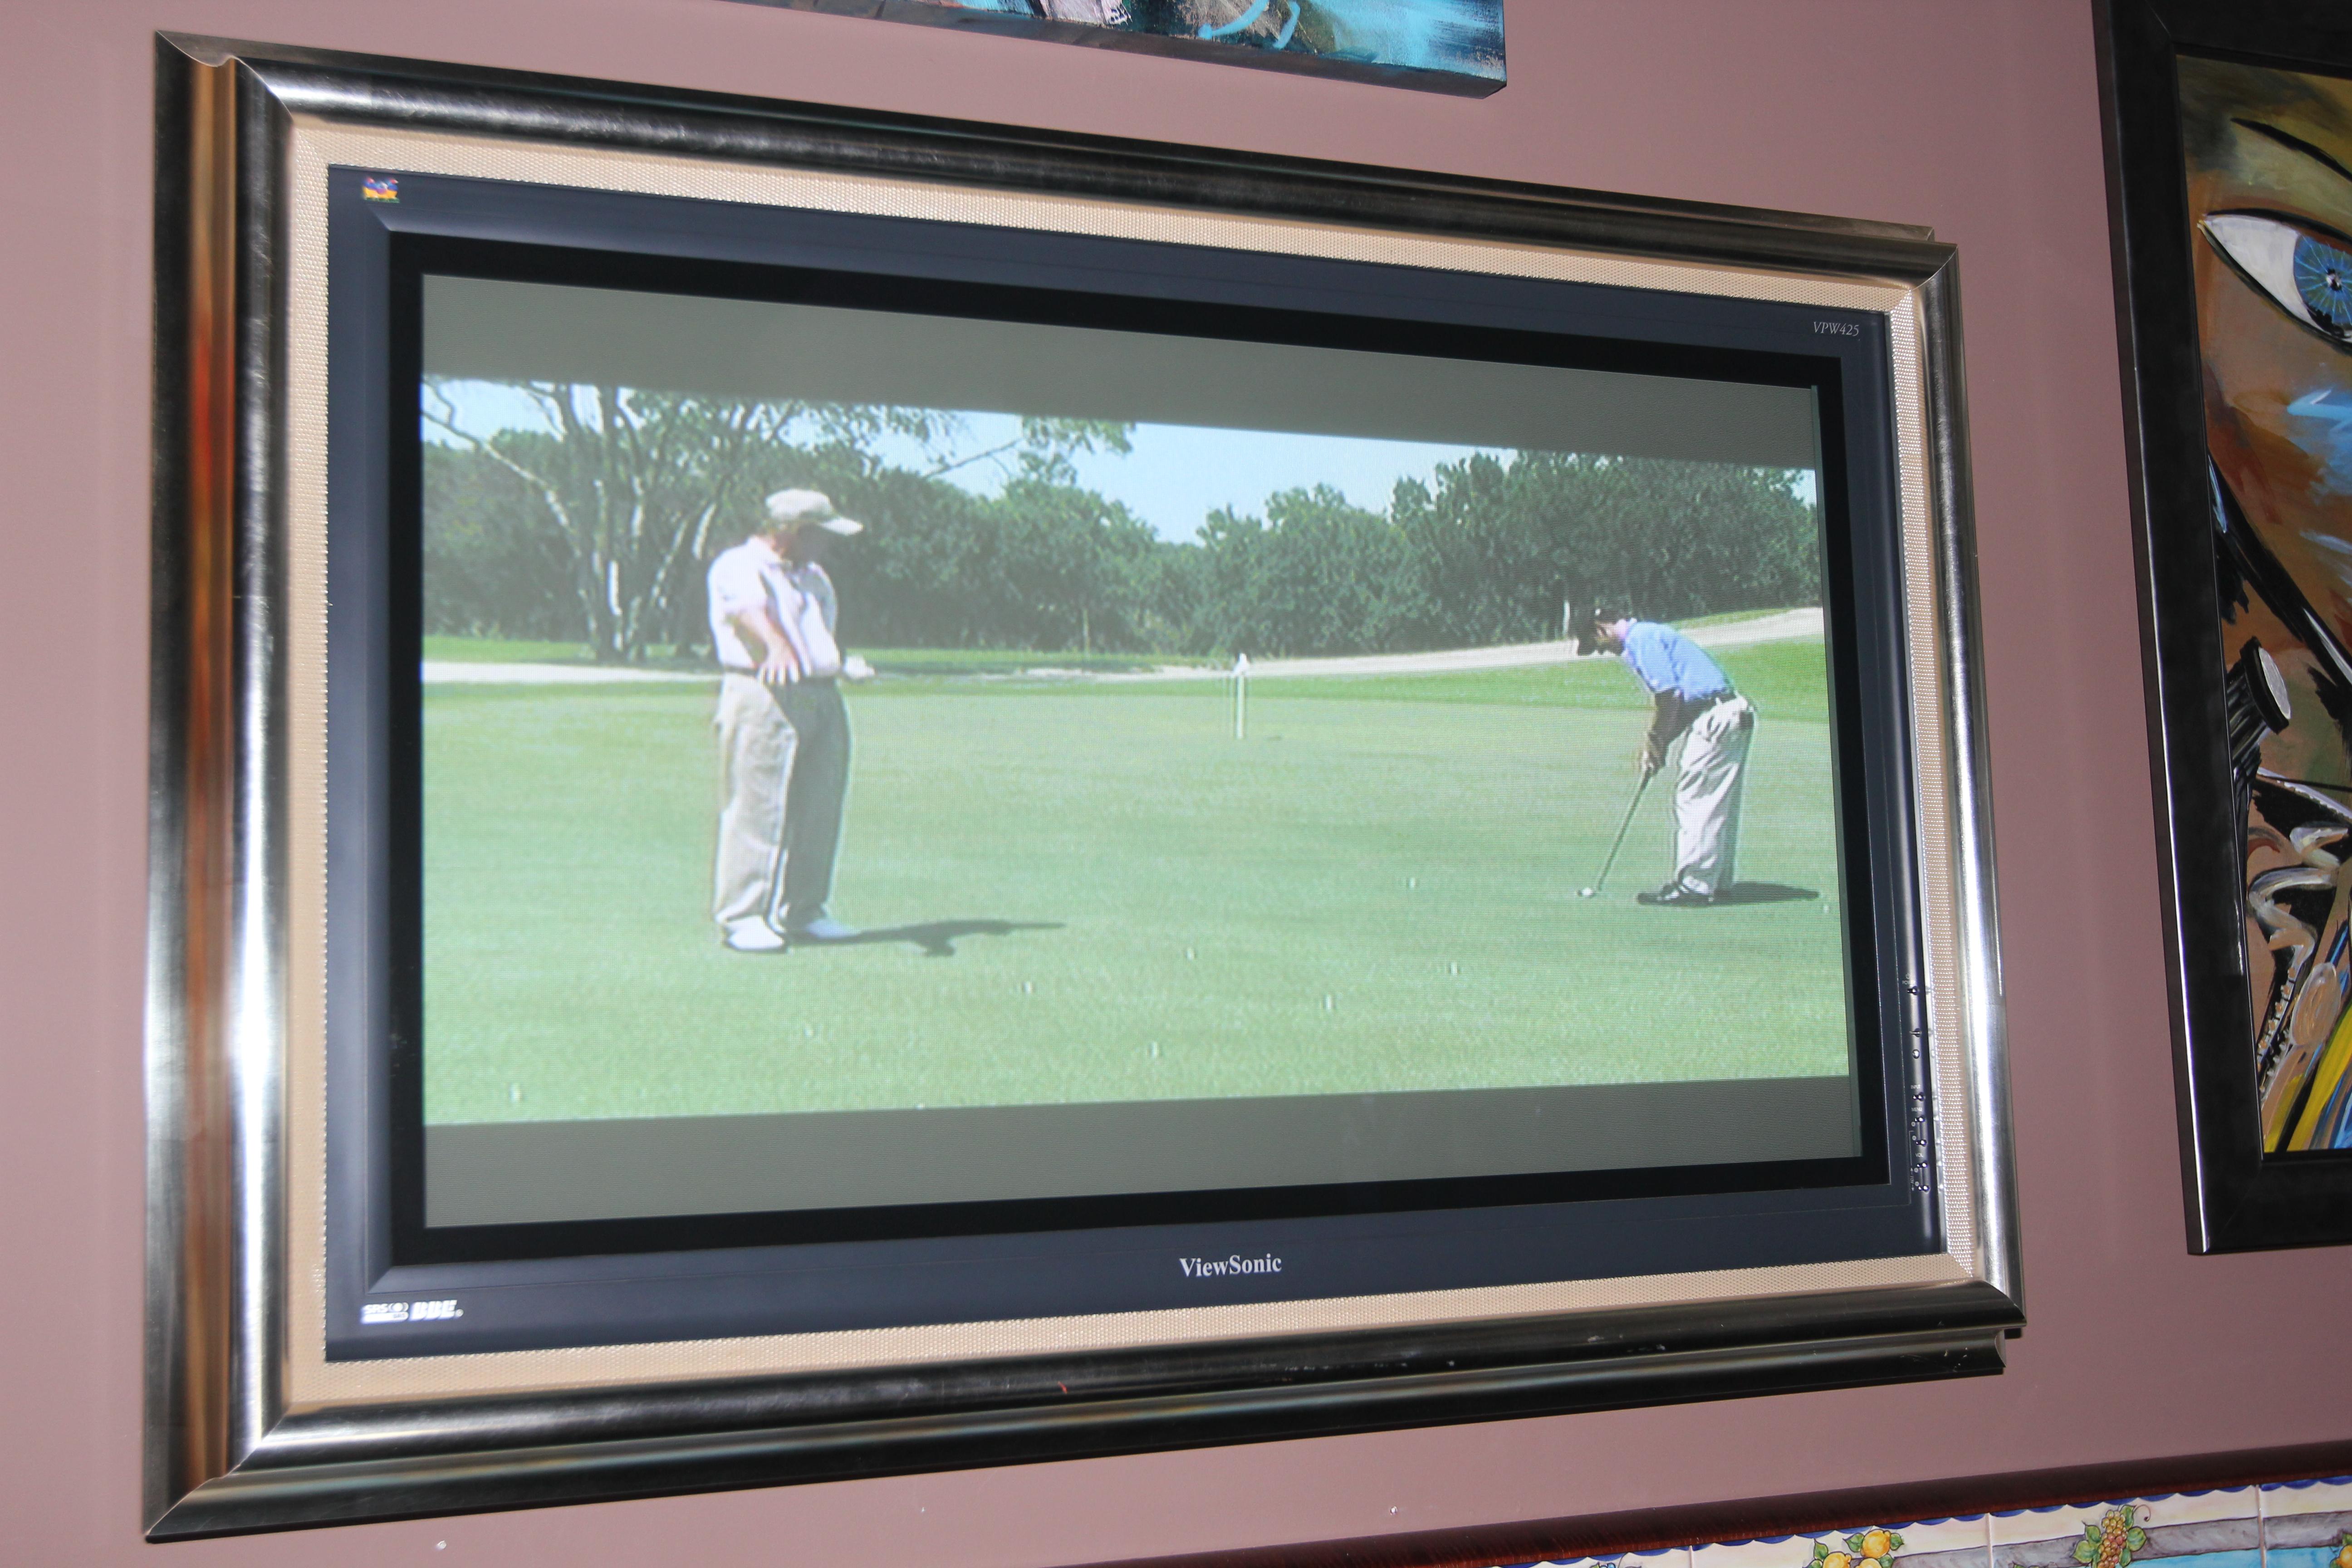 carmel valley san diego community munro gallery flat screen tv framed